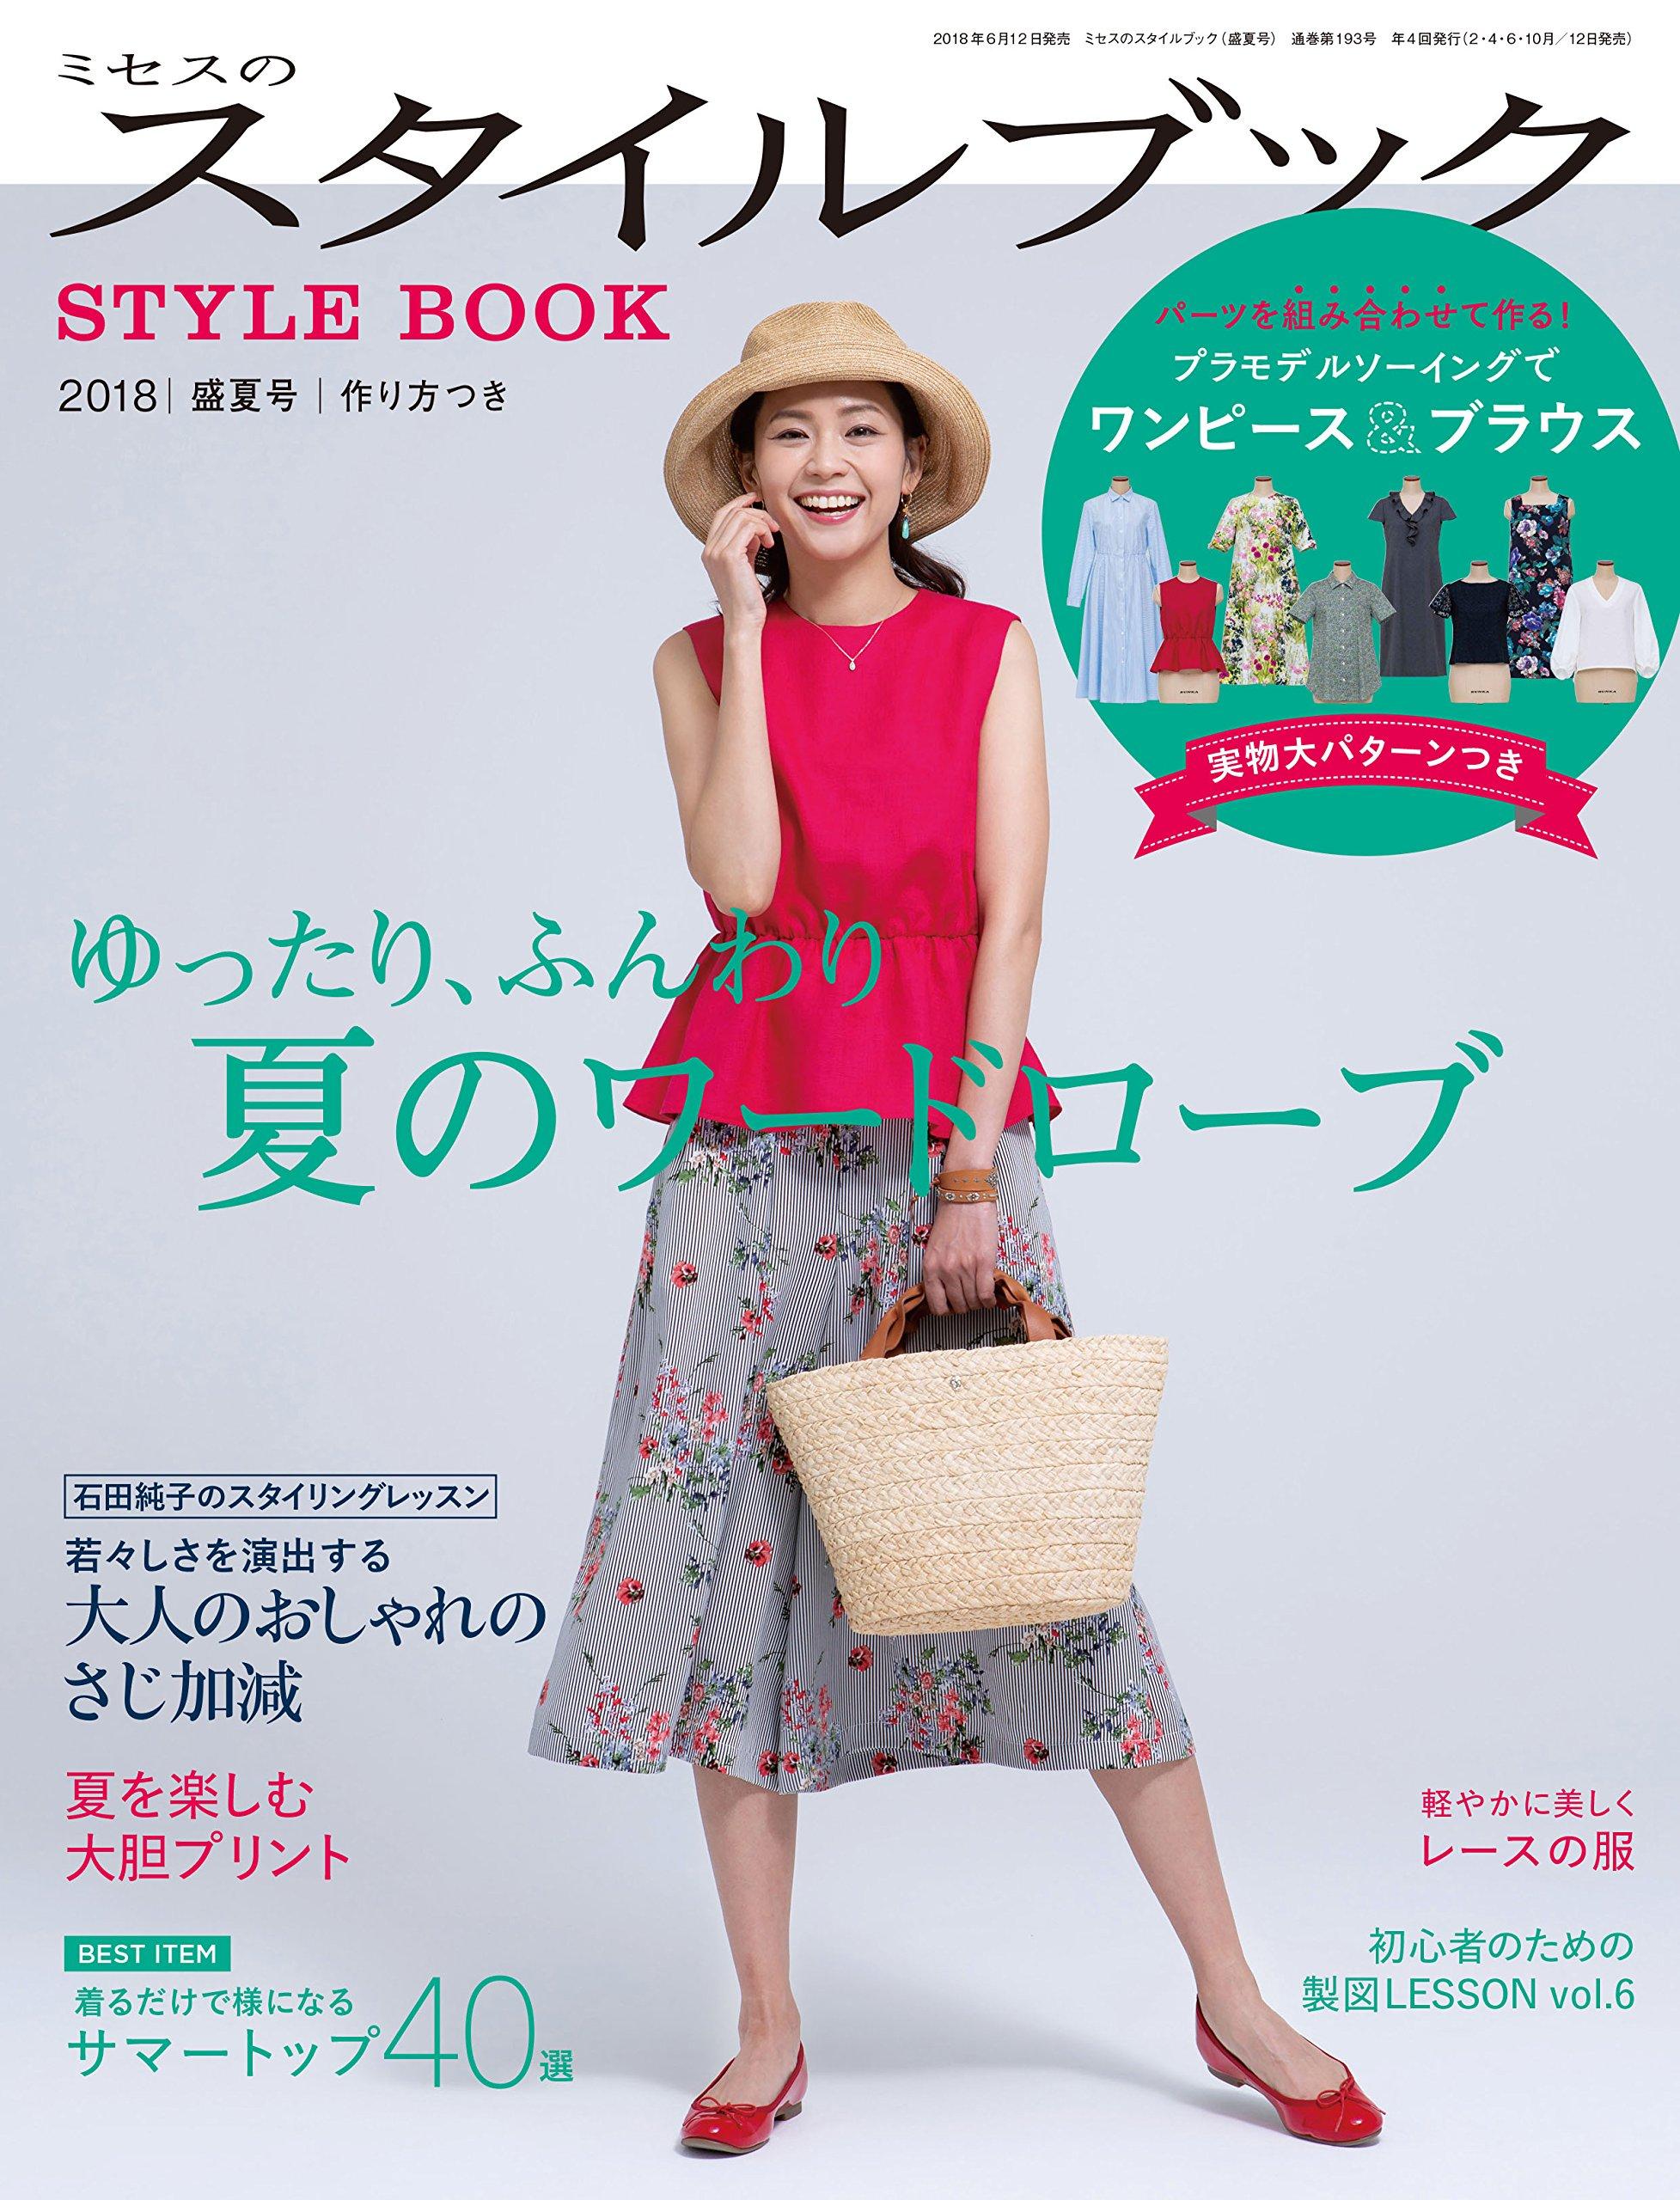 MRS STYLE BOOK 2018 midsummer